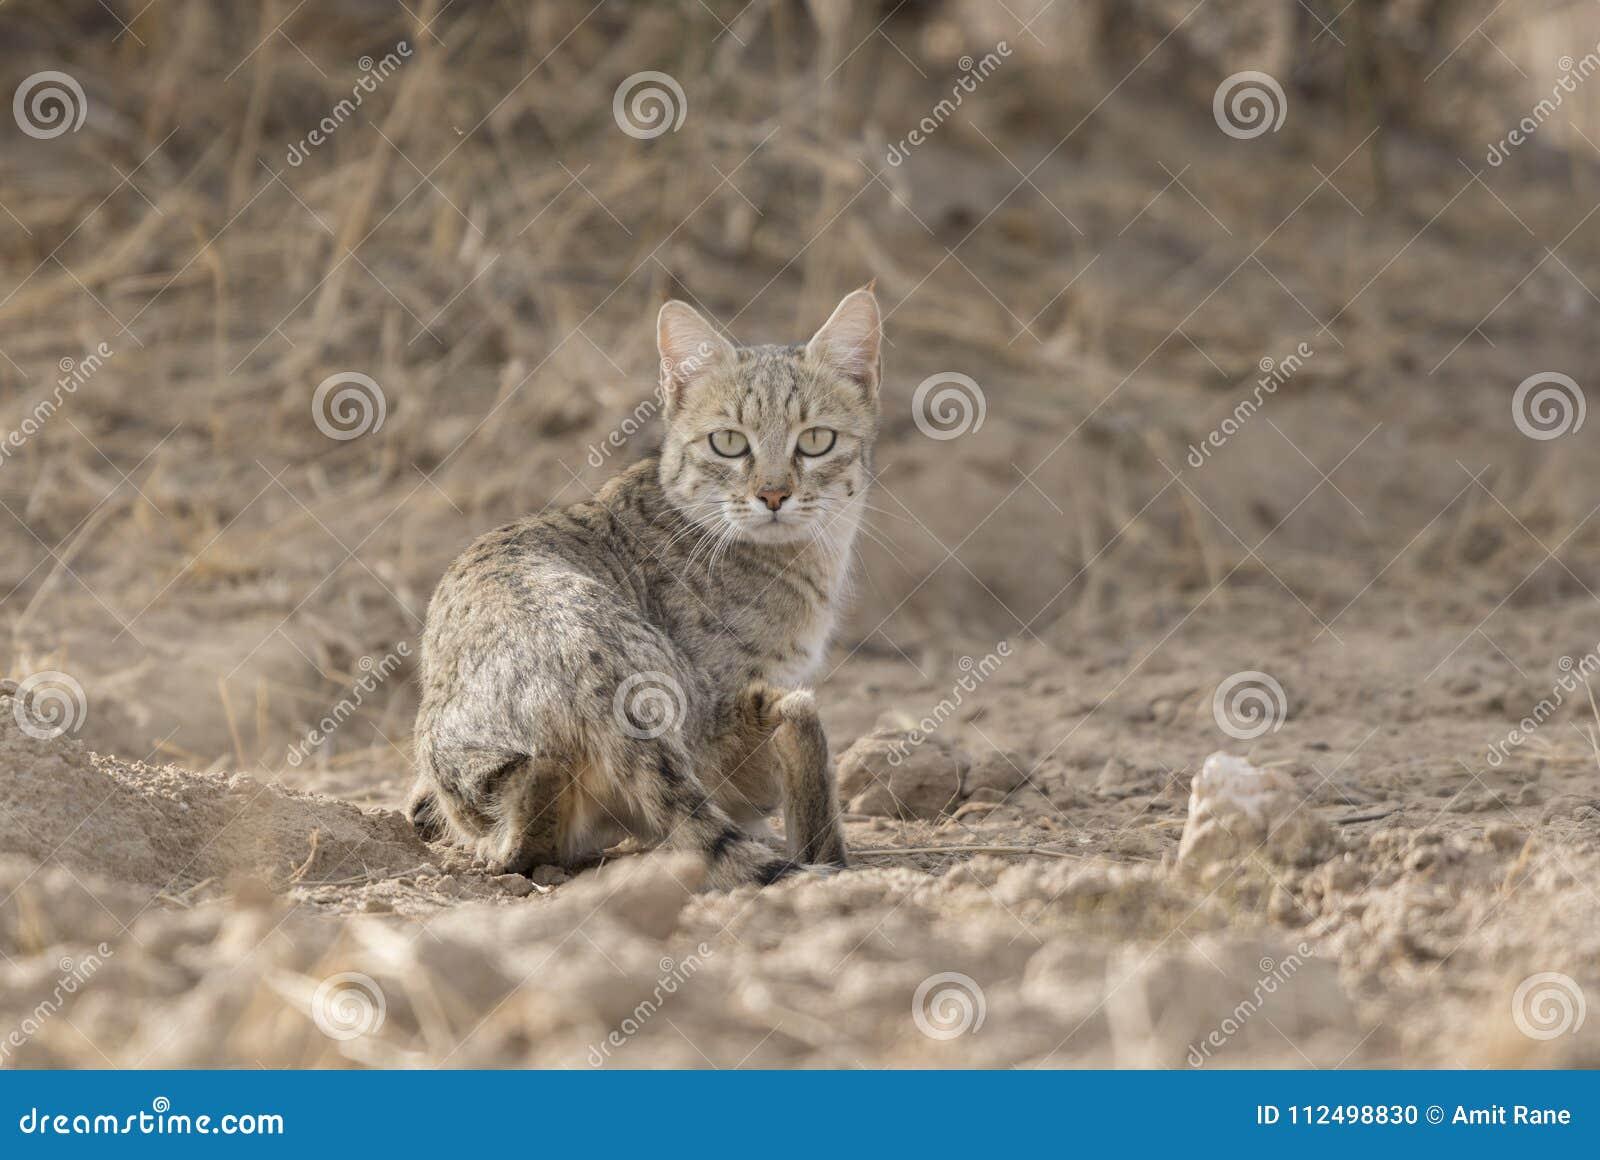 Abandone el gato que busca para la comida en el parque nacional del desierto cerca de Jaisalmer